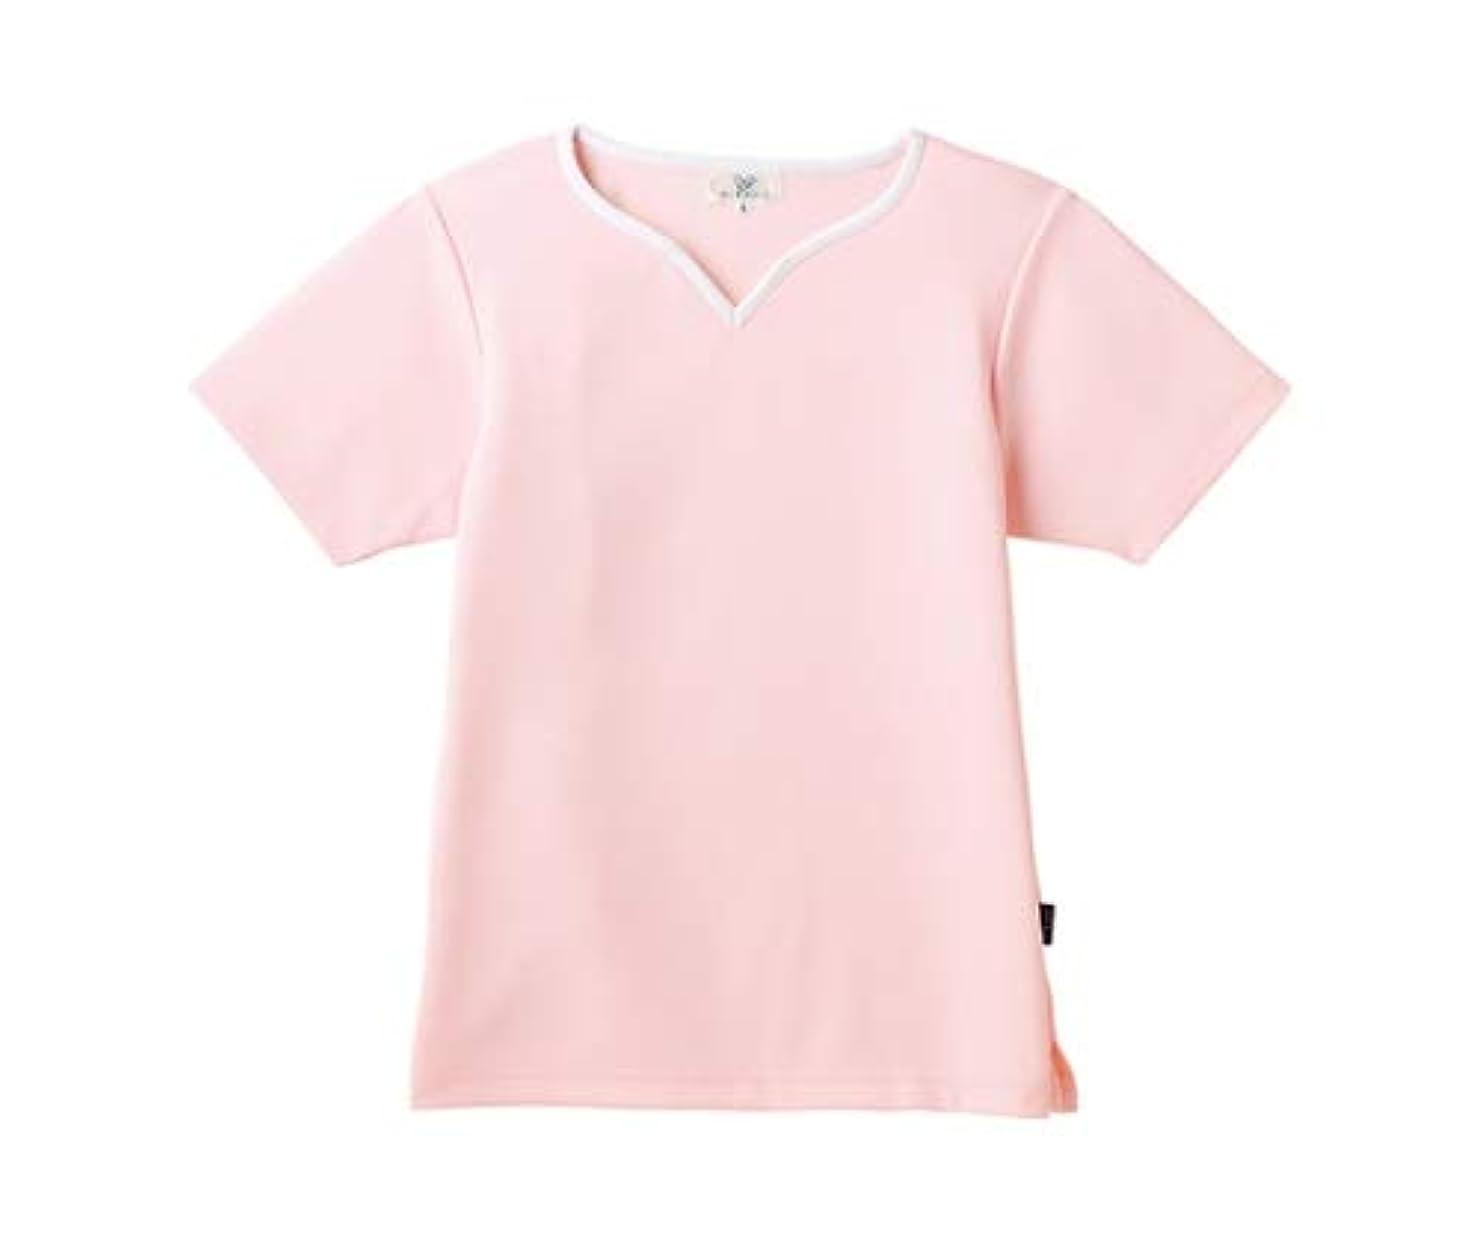 作家意外公爵夫人トンボ/KIRAKU レディス入浴介助用シャツ CR161 3L ピンク